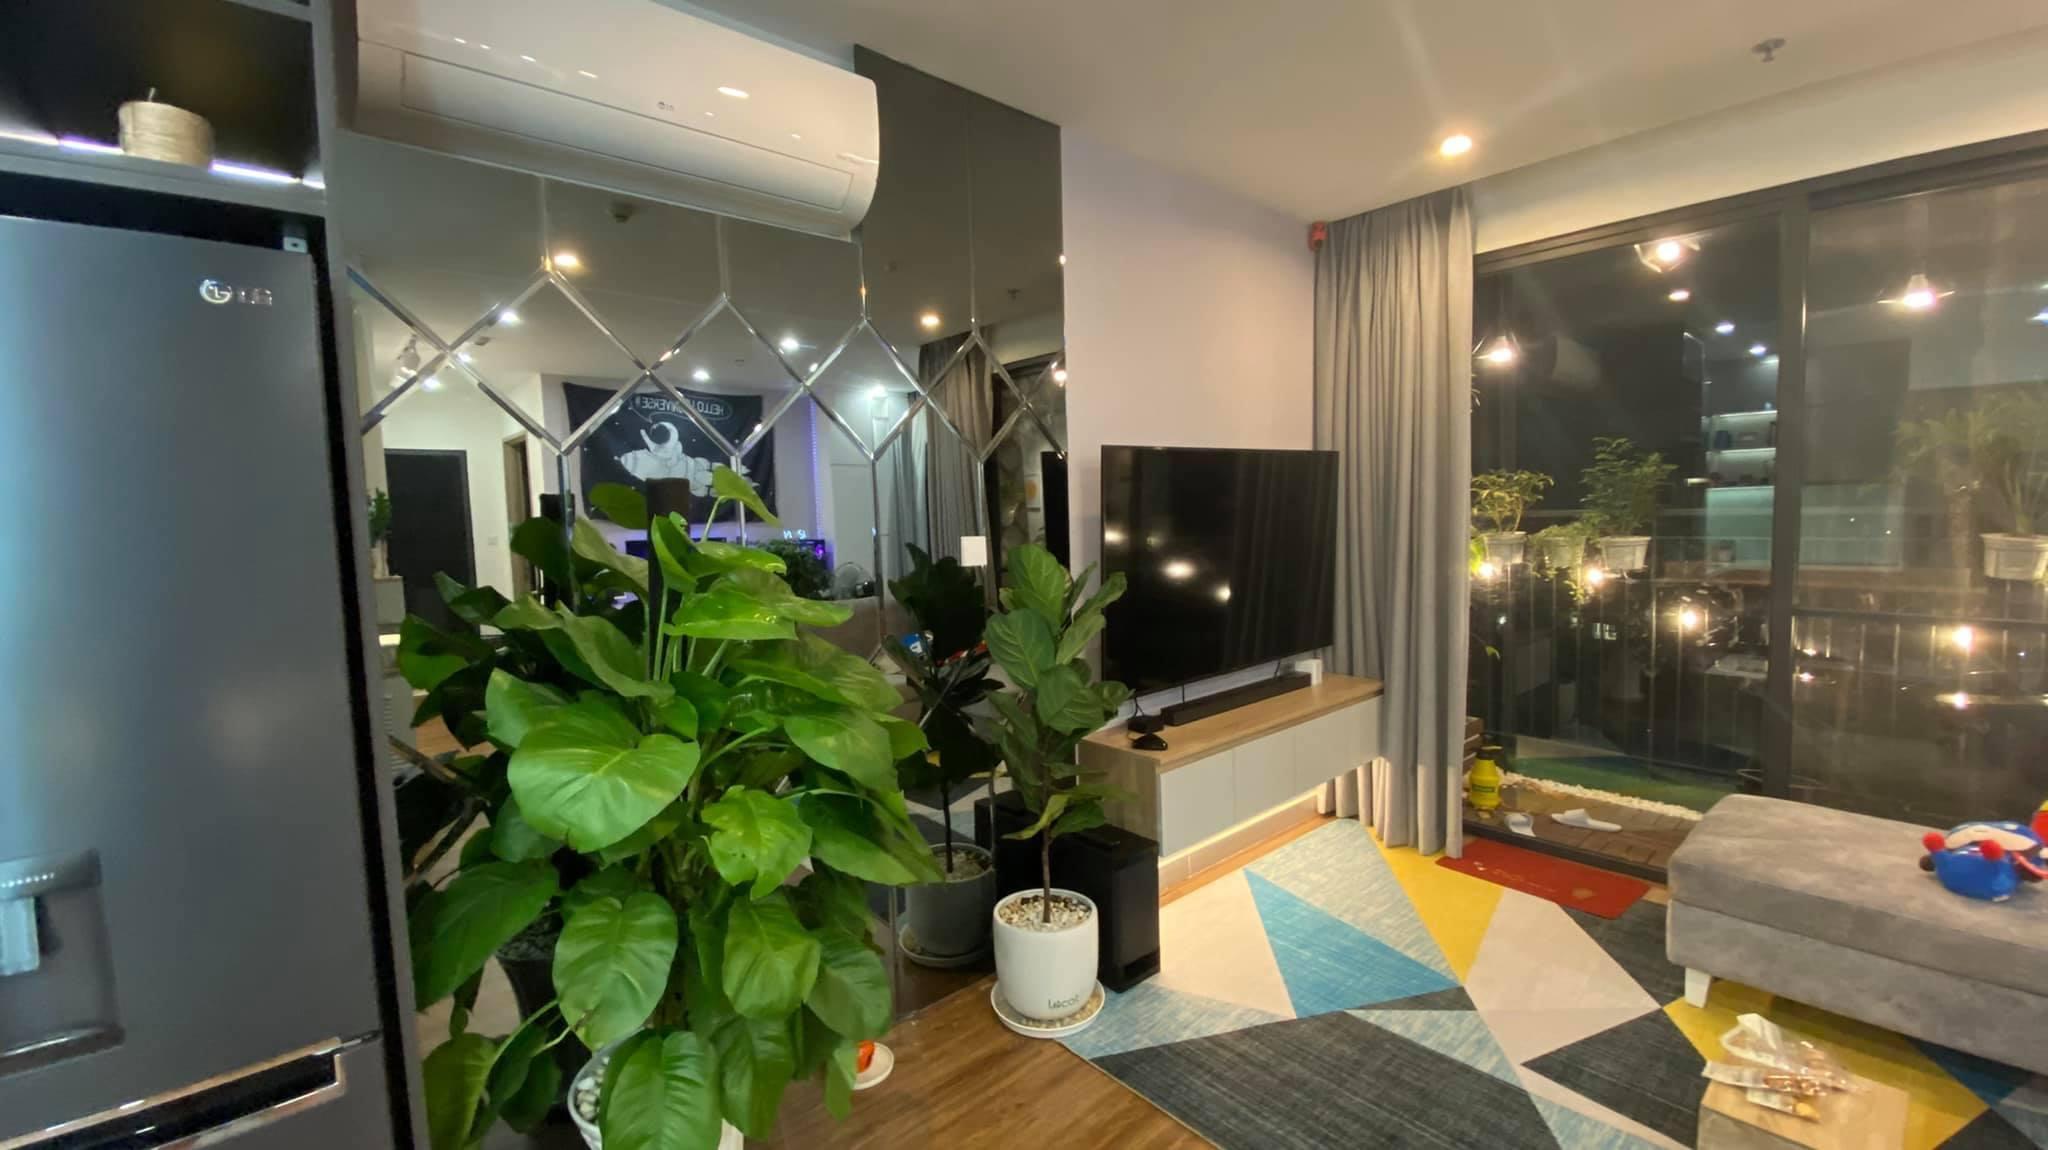 Căn hộ 2 phòng ngủ tầng 19 toà S2.02 Vinhomes Grand Park 8 triệu/tháng 9